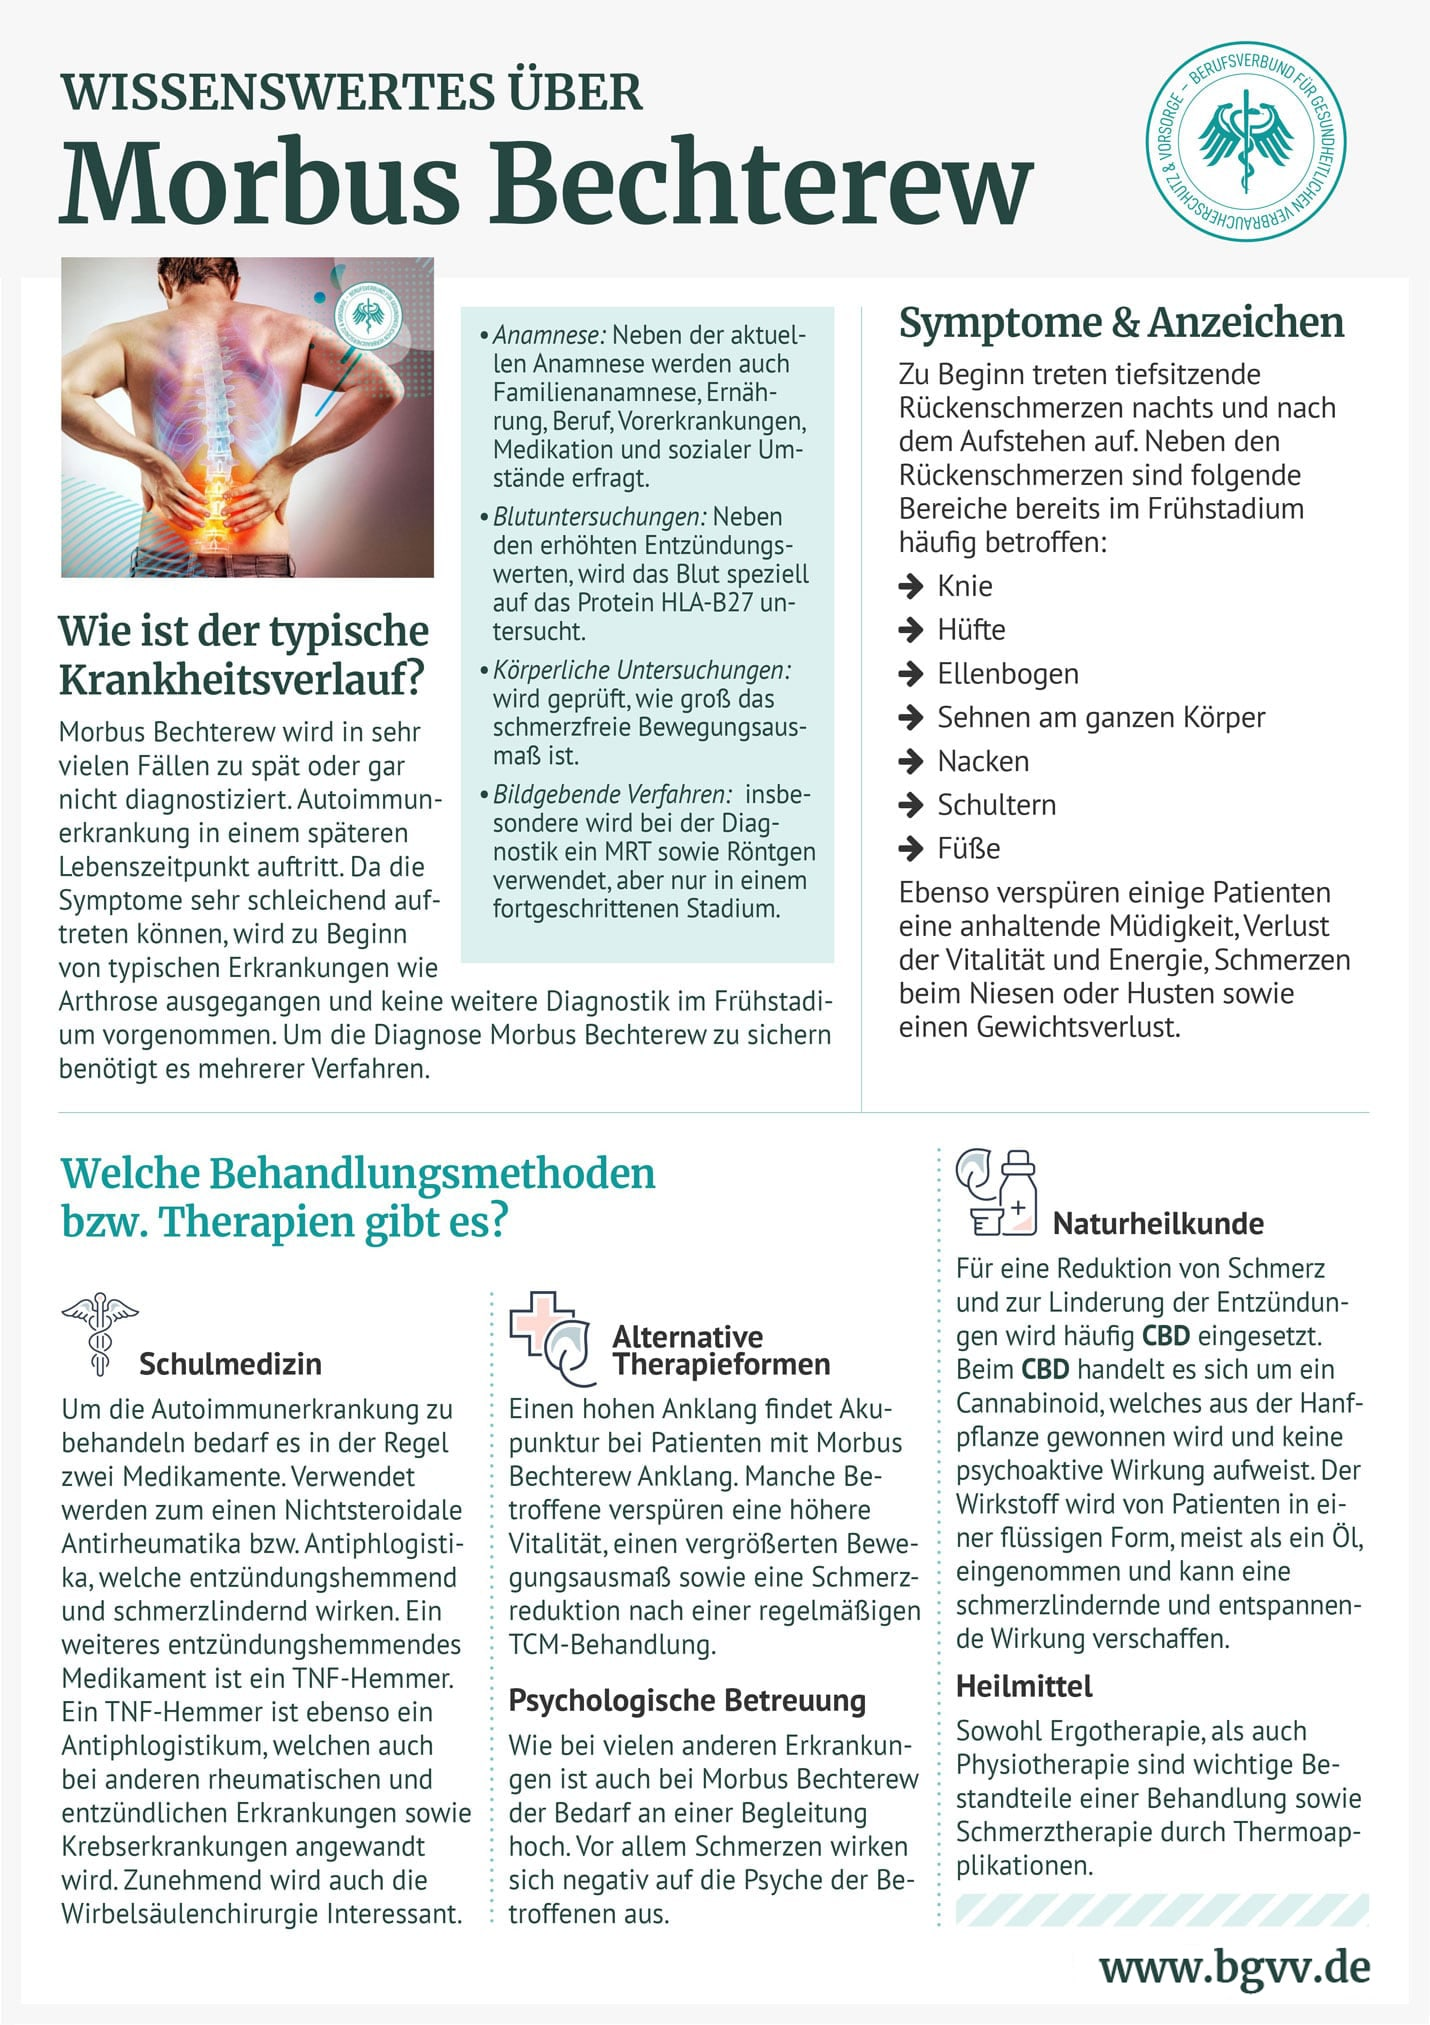 Infografik Morbus Bechterew bgvv